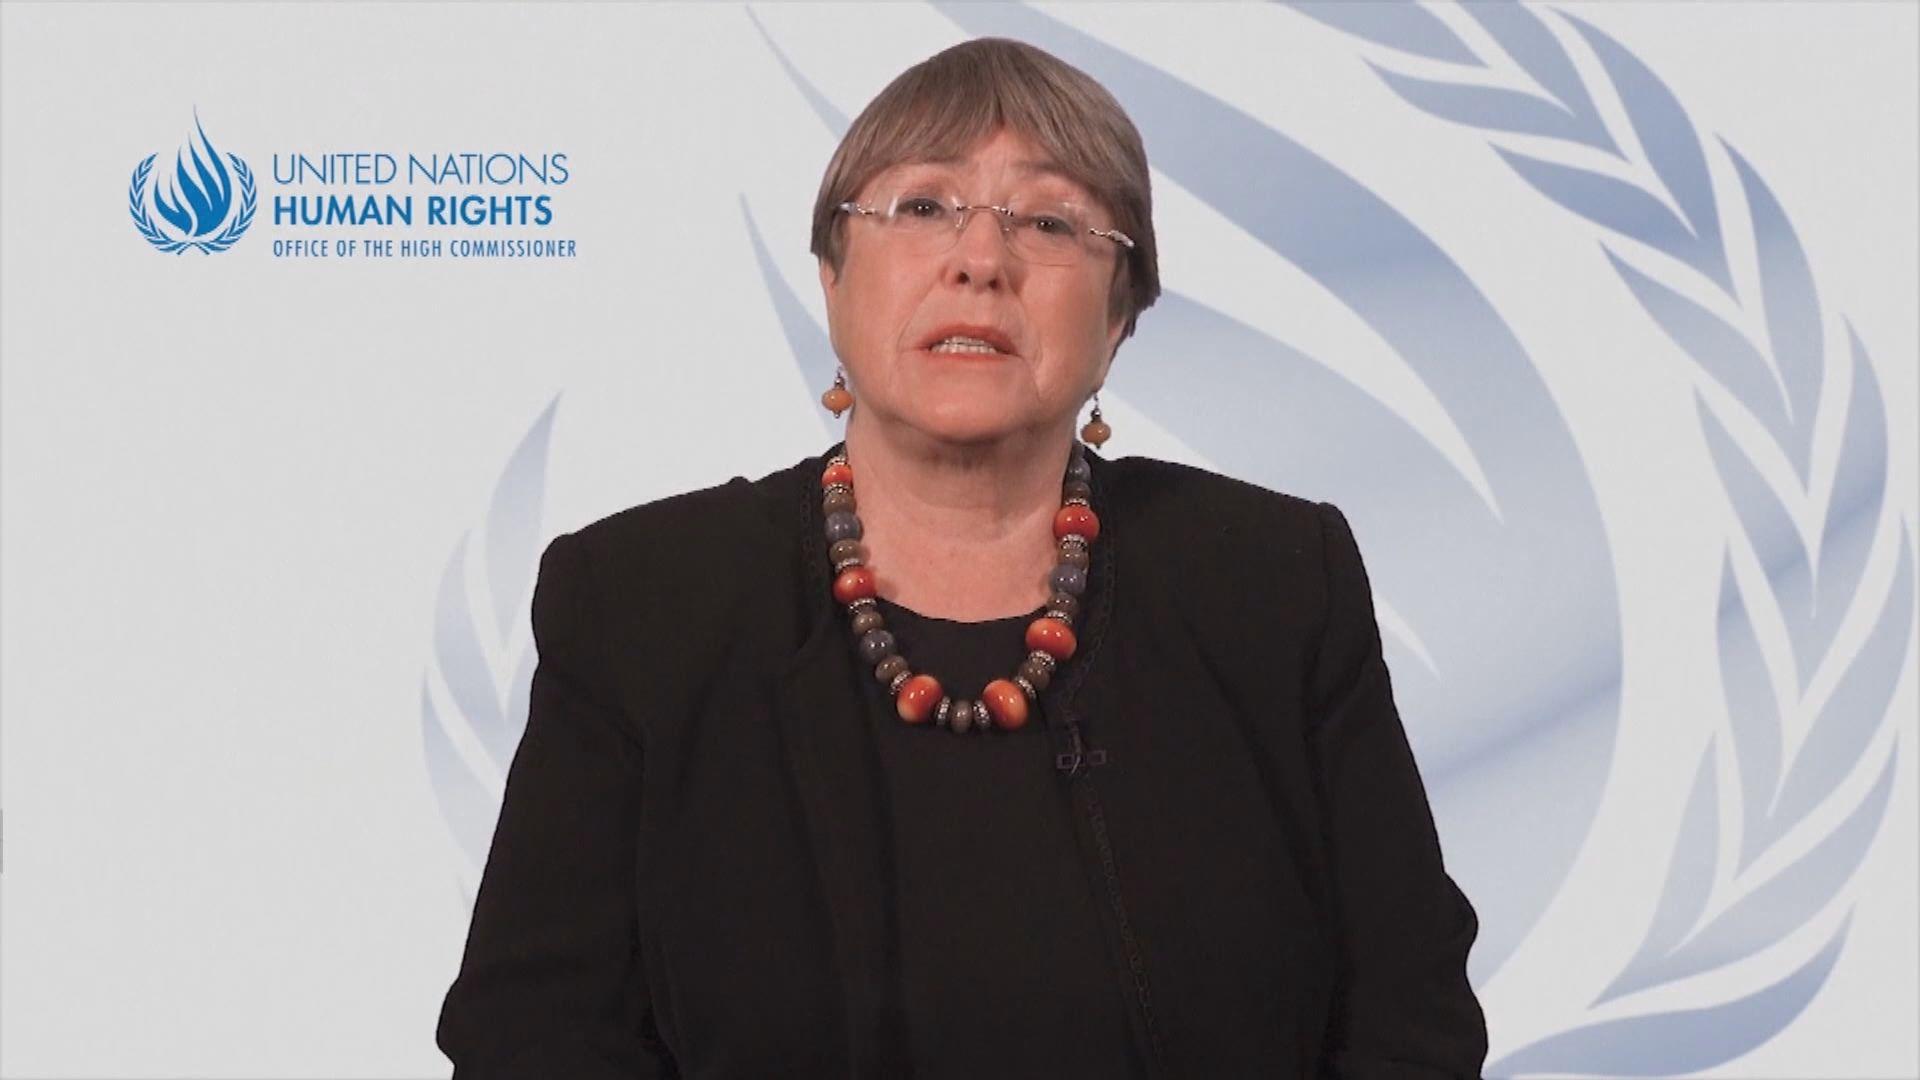 聯合國人權事務高級專員關注香港情況